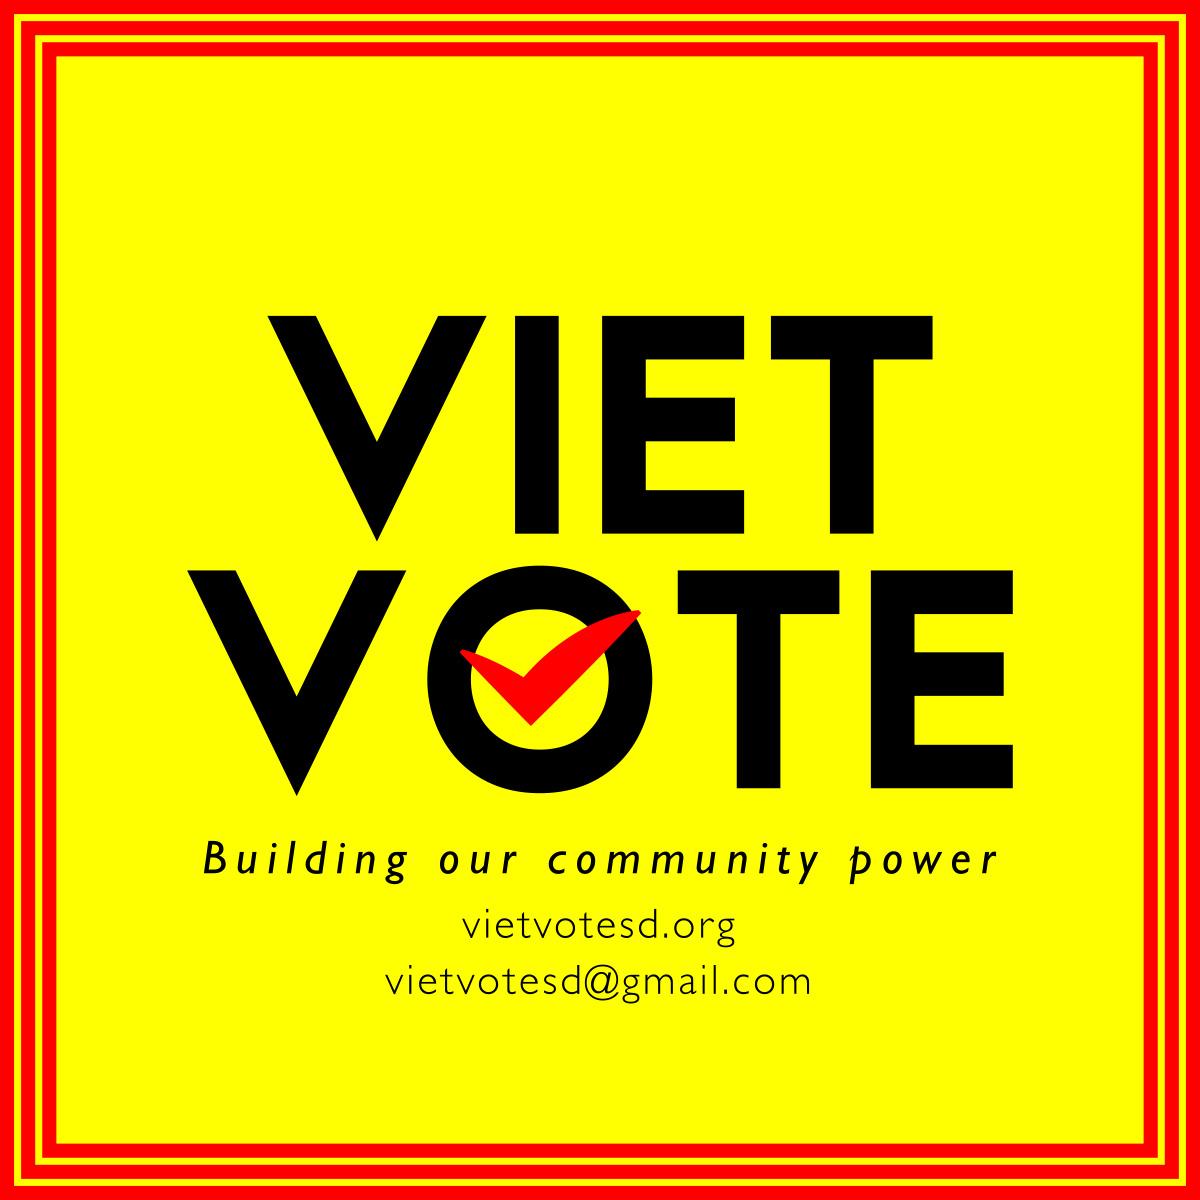 viet vote logo 2020